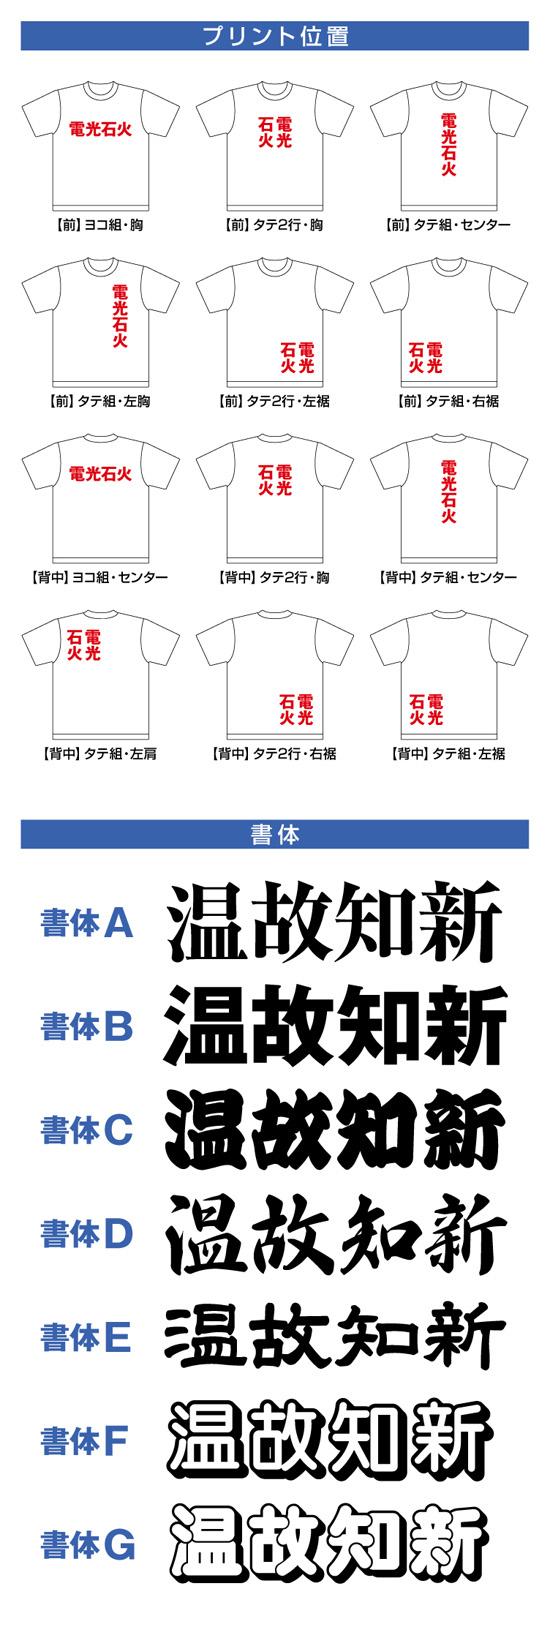 オーダーTシャツ・四字熟語Tシャツサンプル2